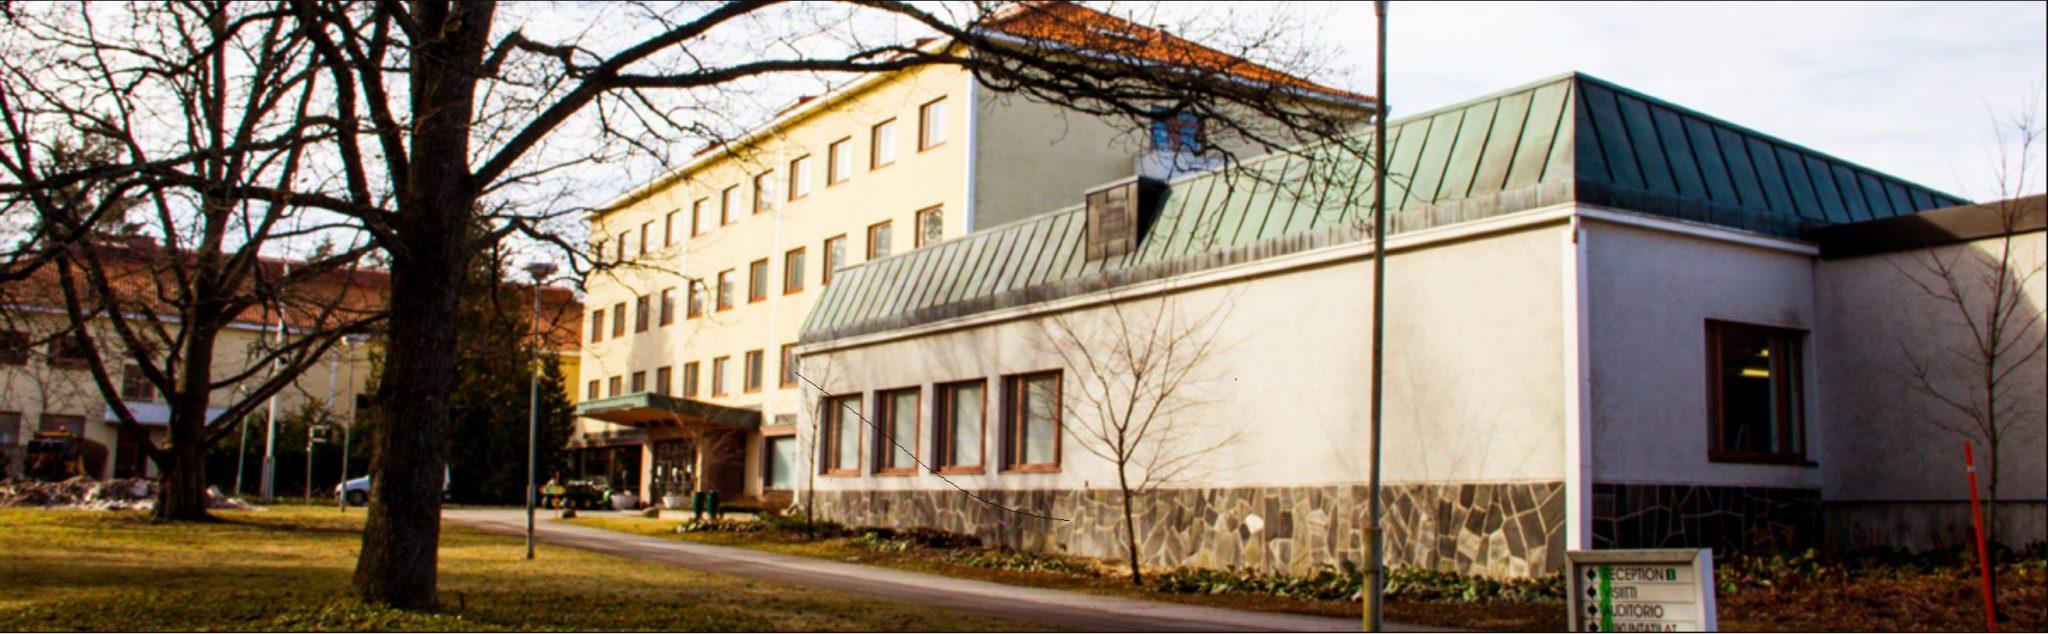 Nurmijärven kampus, kolmikerroksinen suuri rakennus.